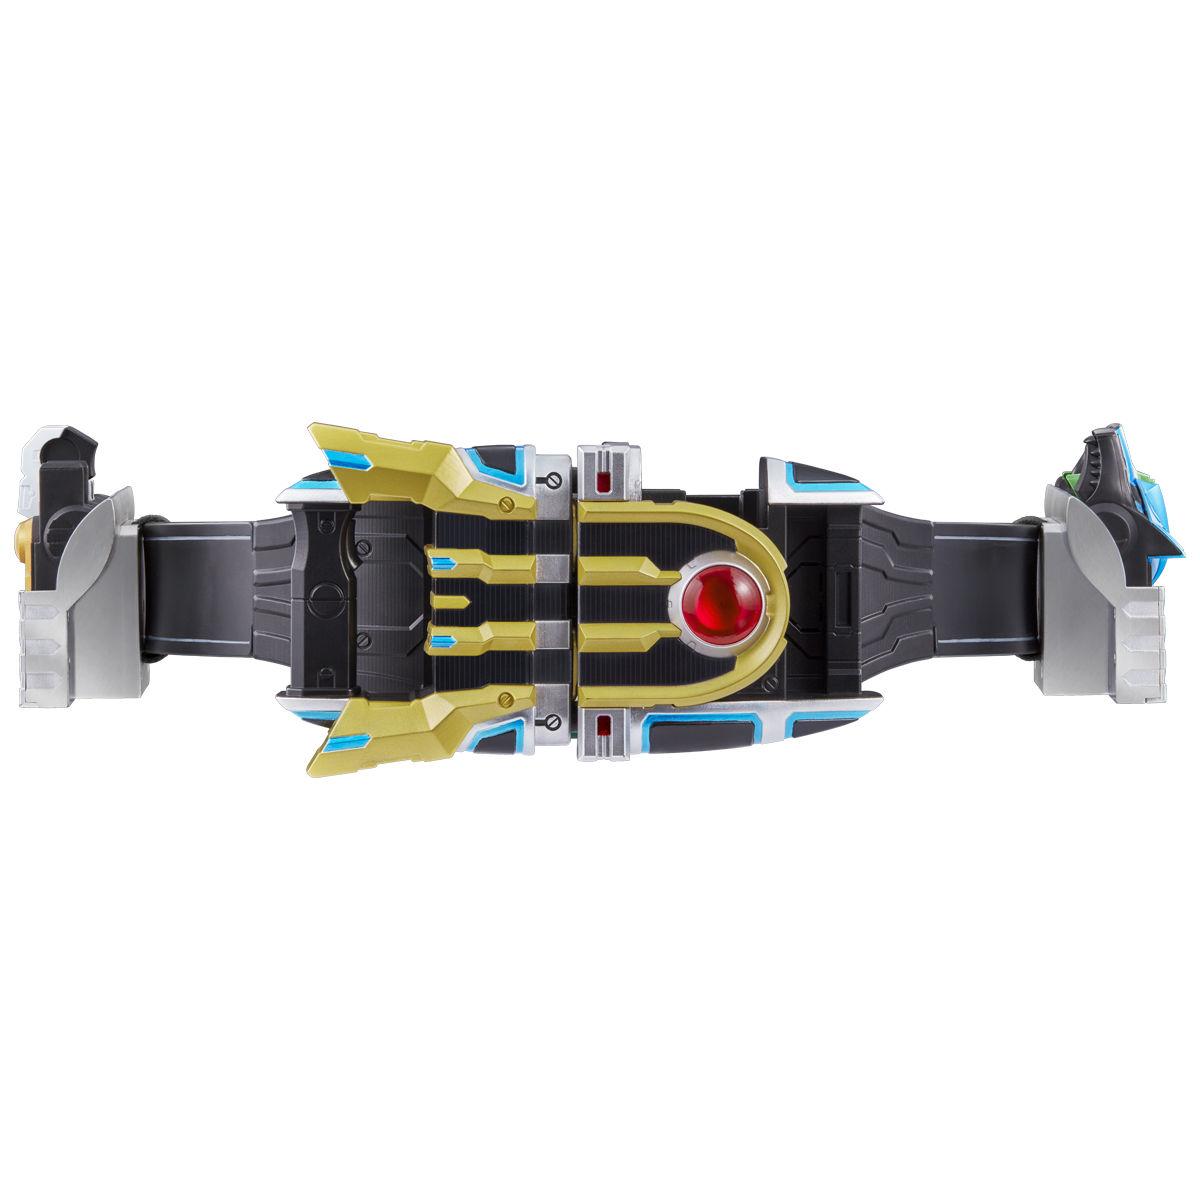 【限定販売】CSM『イクサベルト&イクサライザー』仮面ライダーキバ 変身なりきり-002